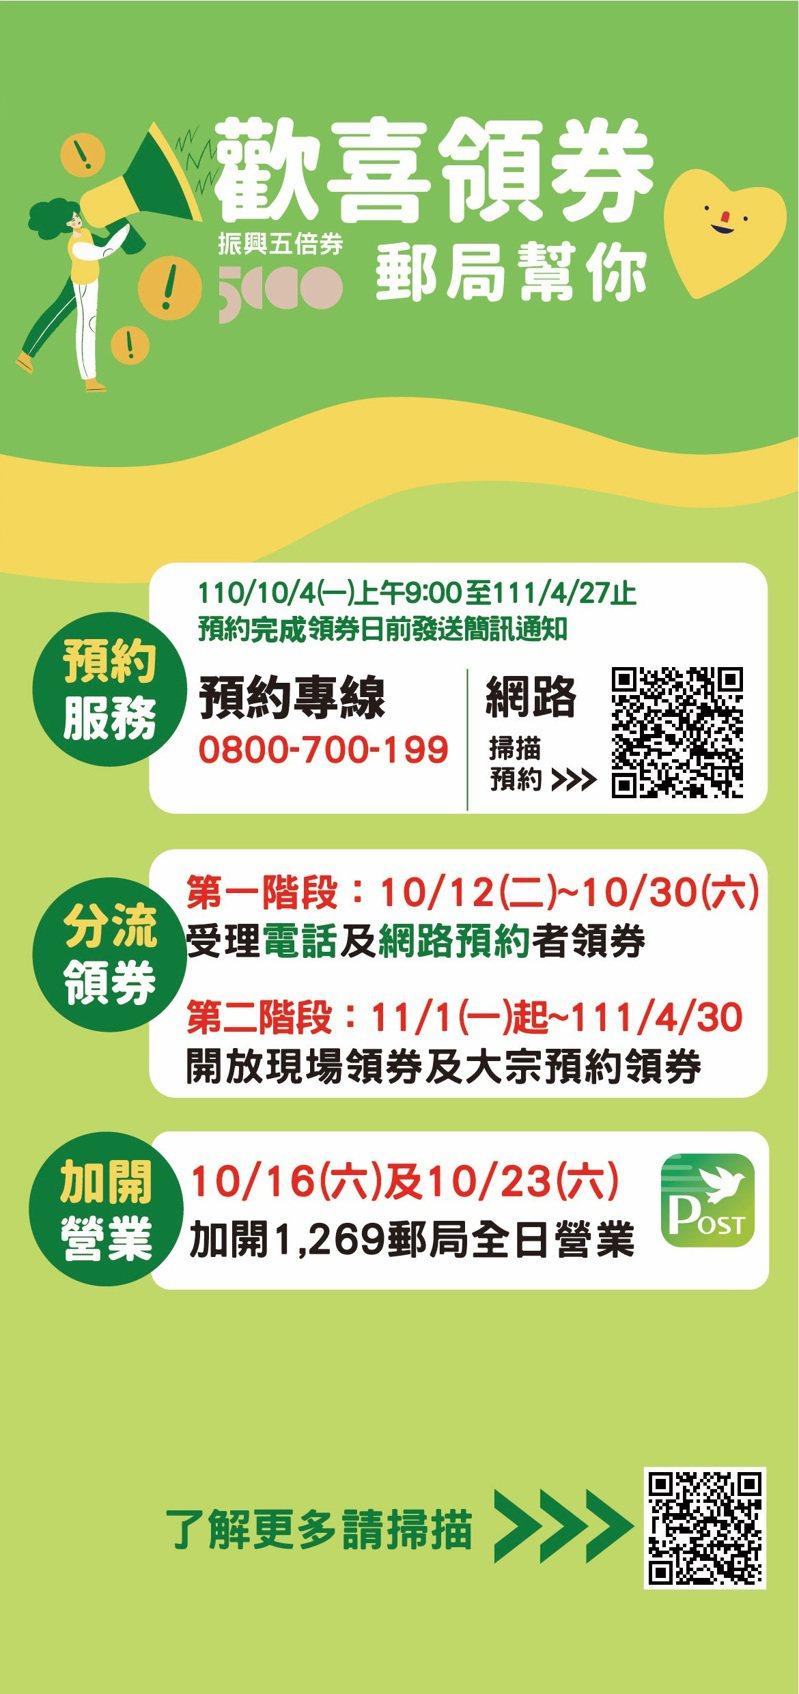 中華郵政公司為鼓勵客戶使用郵政VISA金融卡綁定數位振興五倍券,推出「數位五倍券 綁定雙重抽」活動。   圖/中華郵政公司提供